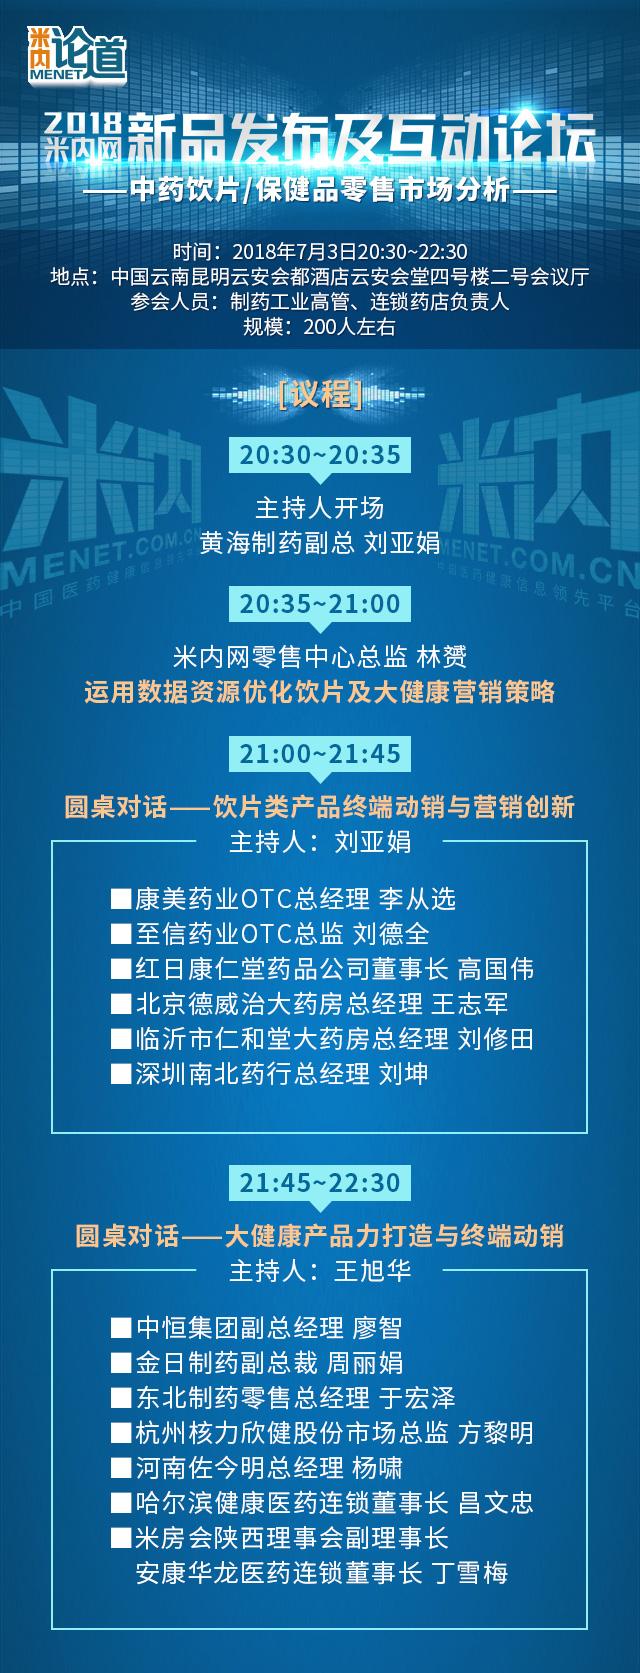 2018米内网新品发布及互动论坛-中药饮片保健品零售市场分析02.jpg